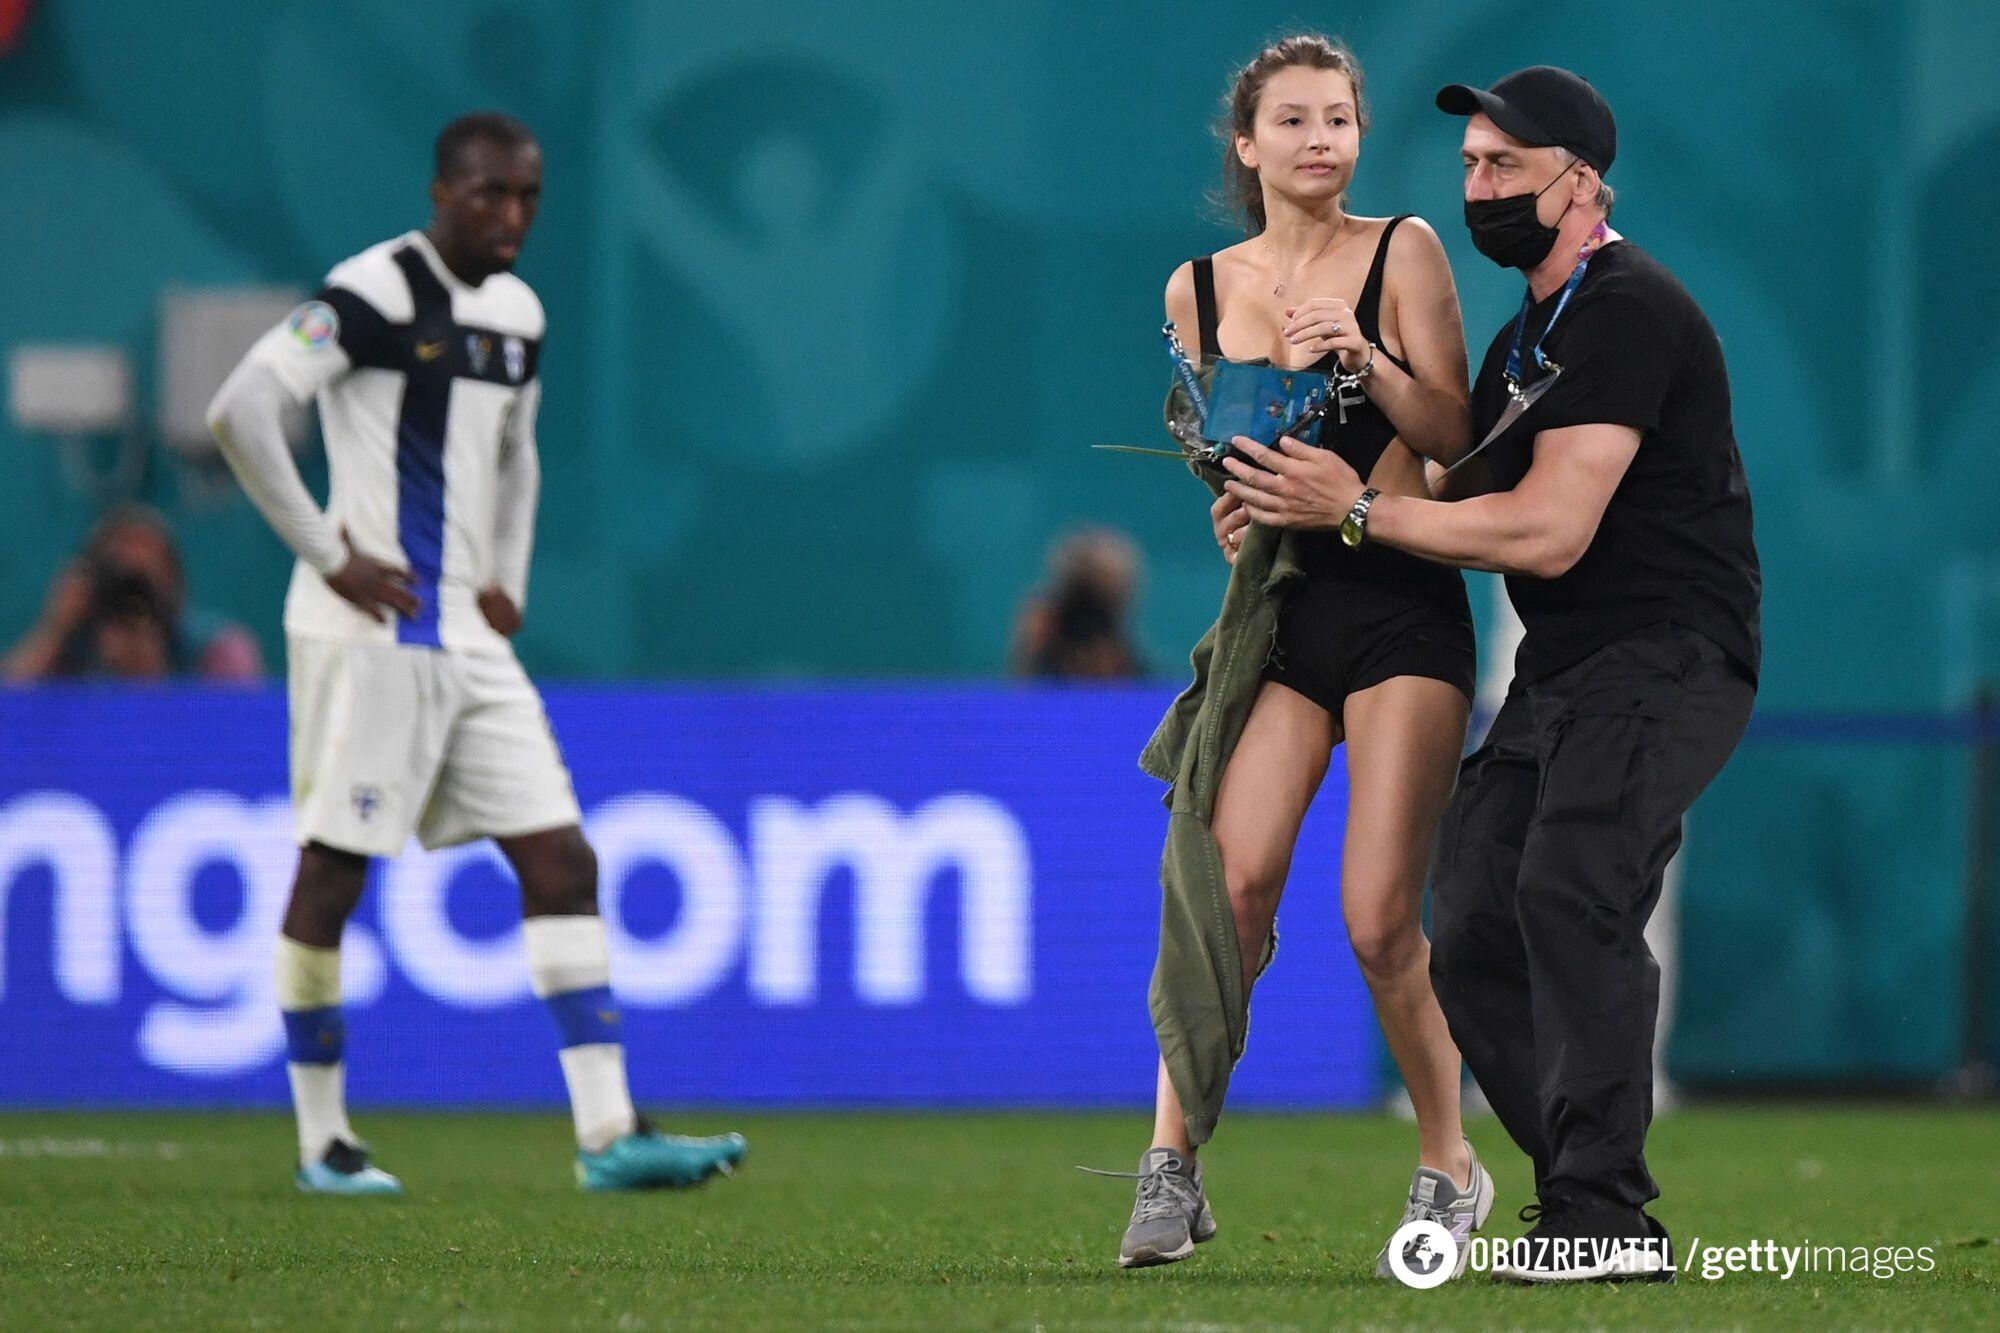 Футболісти з цікавістю спостерігали за тим, що відбувається